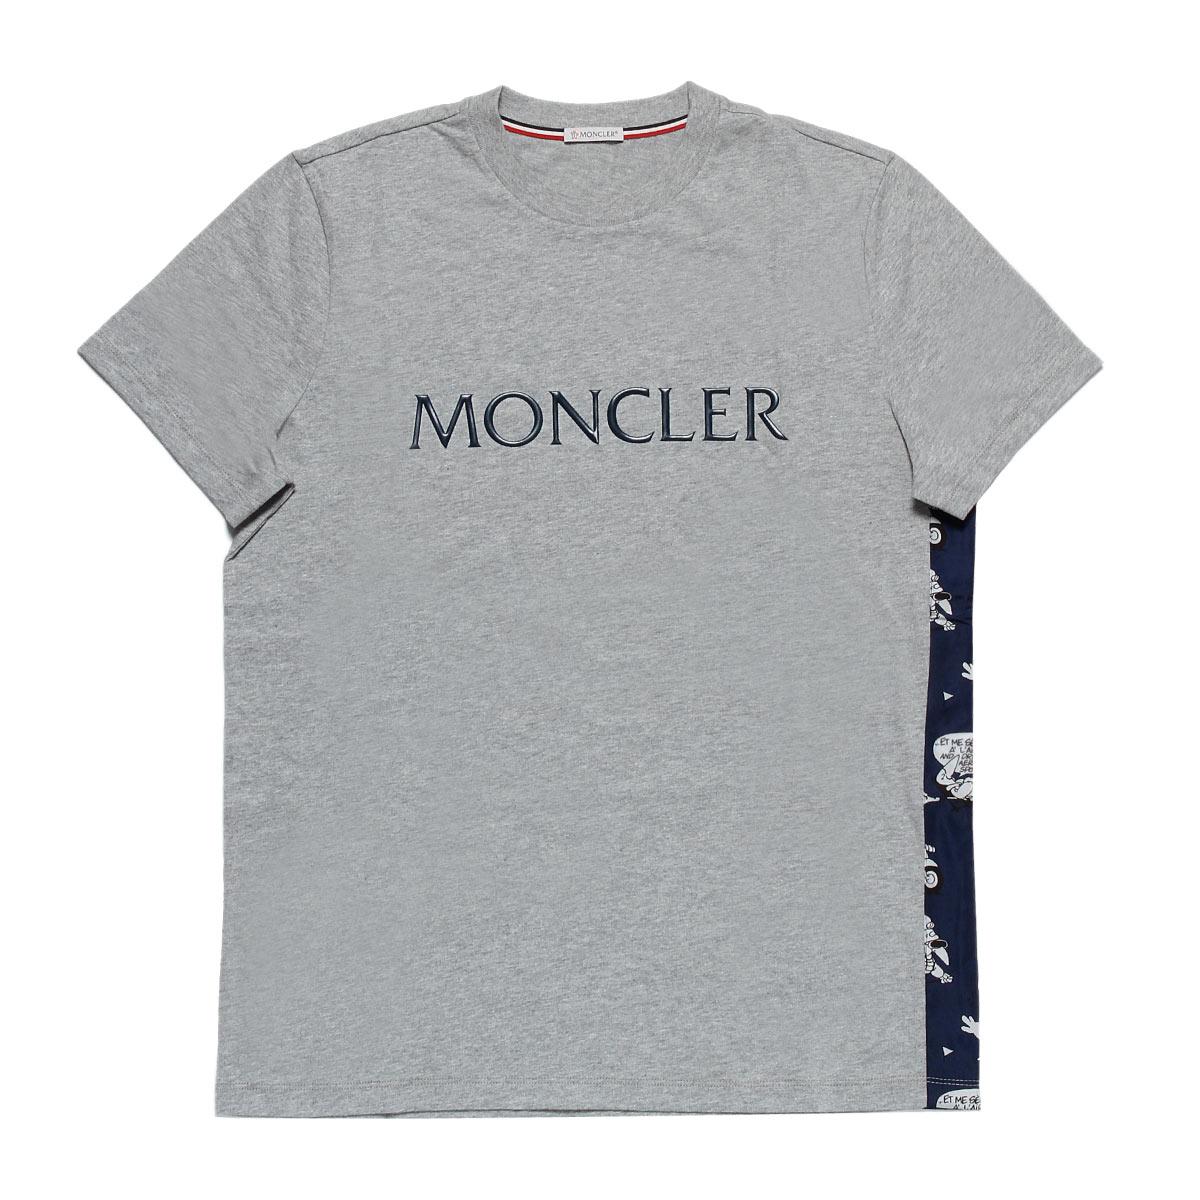 モンクレール MONCLER Tシャツ メンズ 8026250 8390T 984 半袖Tシャツ GREY グレー